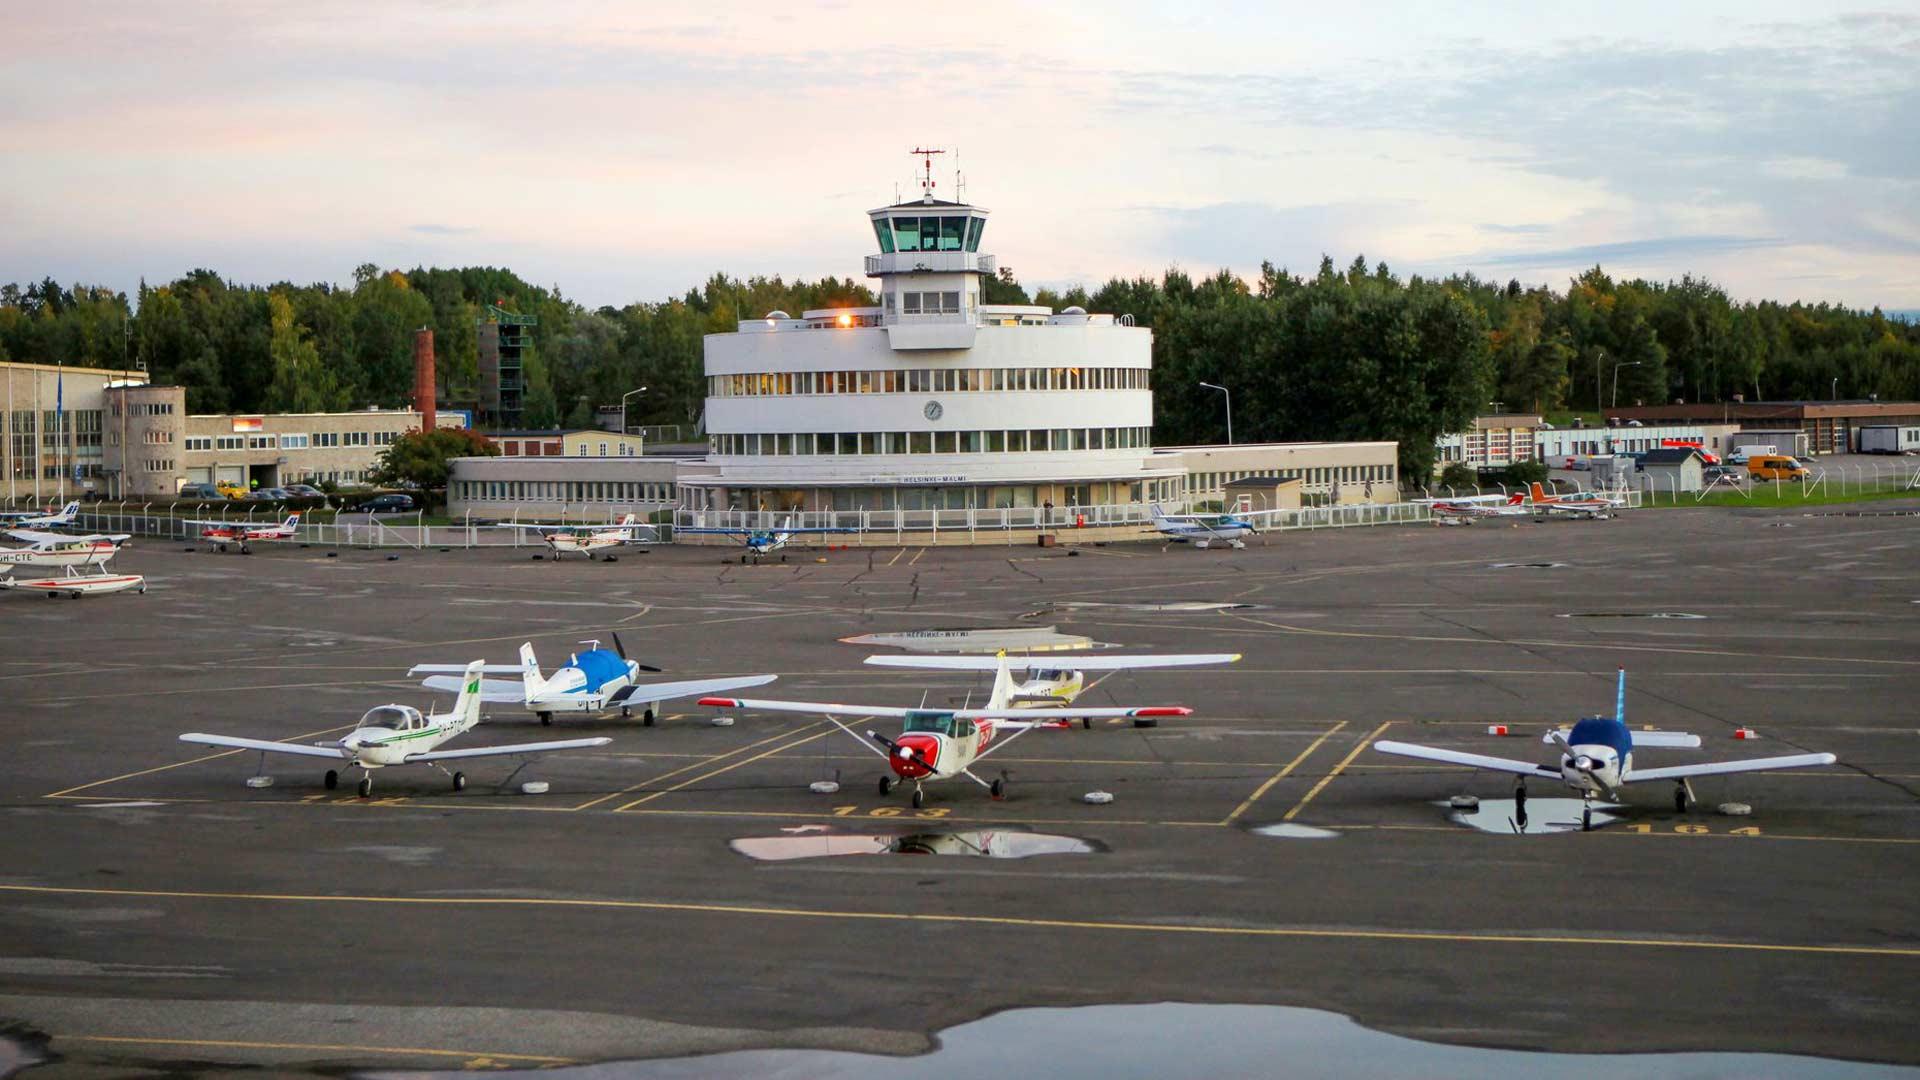 Helsinki haluaa rakennuttaa Malmin kentälle asuntoja. Vain suojeltu kenttäterminaali ja lentokonehalli jäisivät muistoksi.